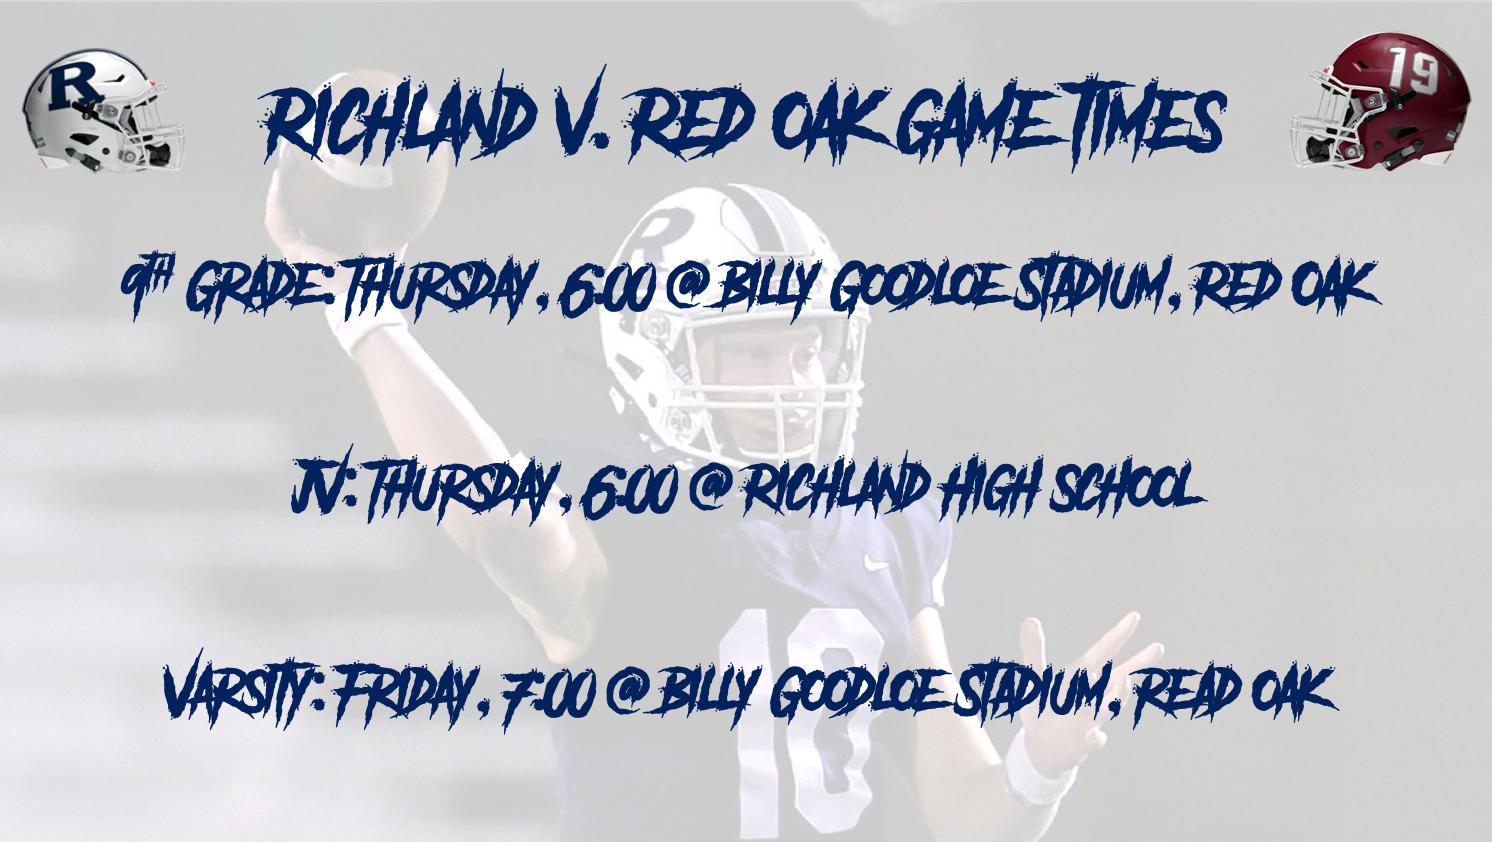 Richland v. Red Oak Game Times